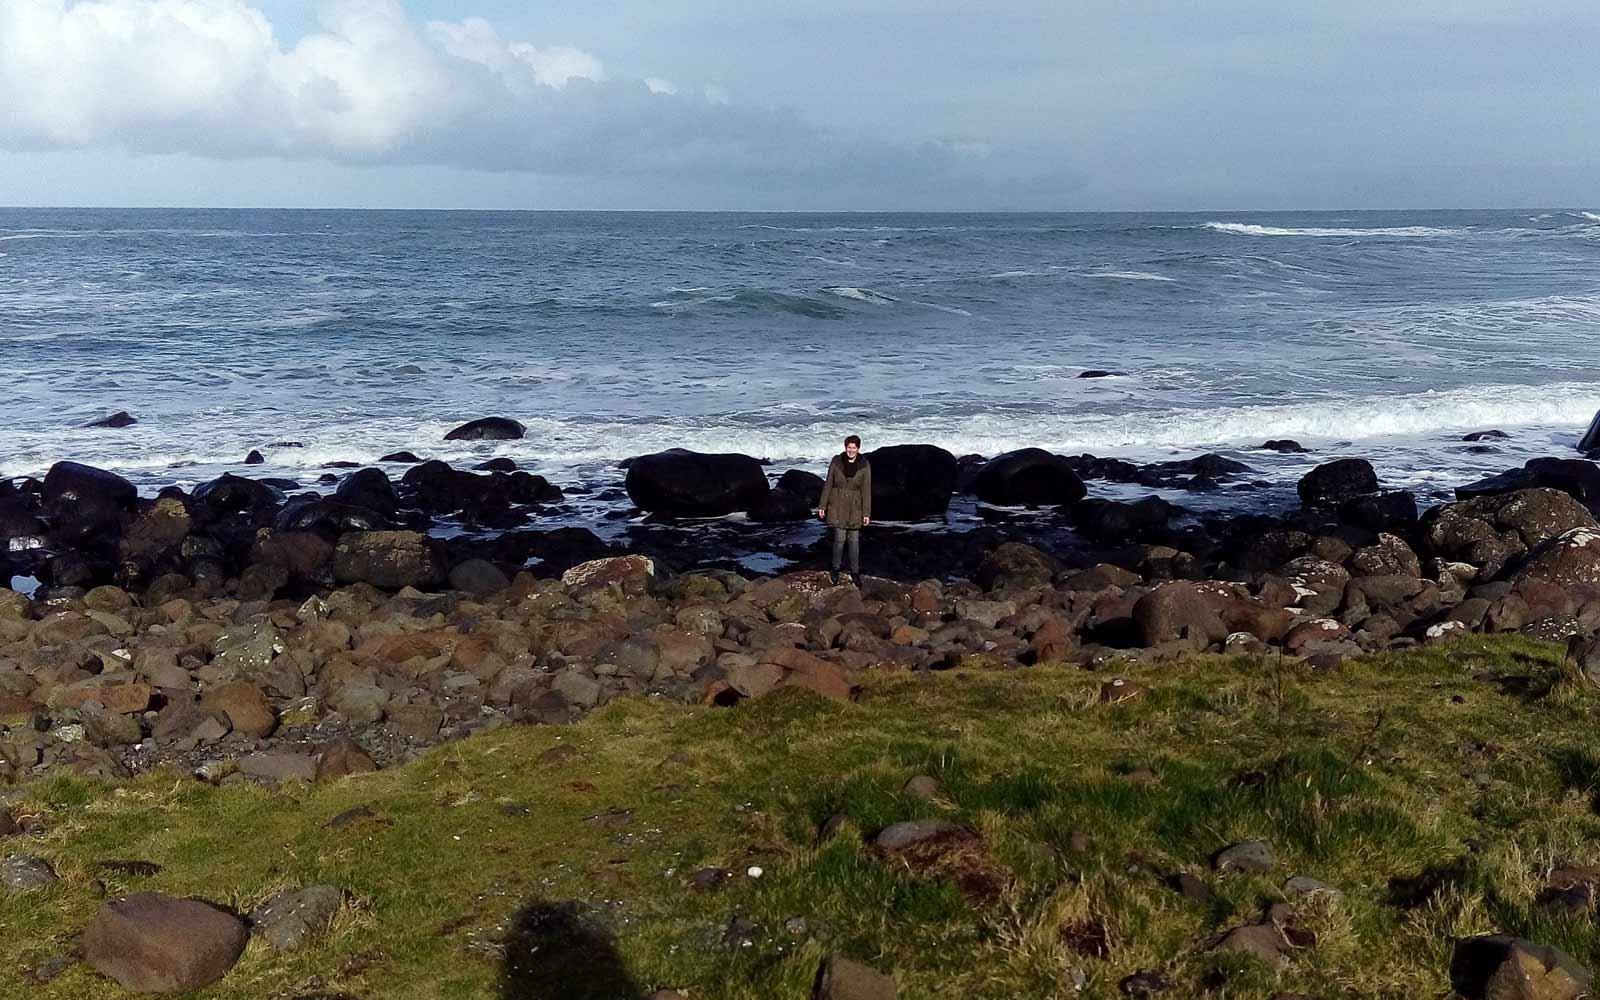 Ronja an Irlands Küste während ihres Transition Year